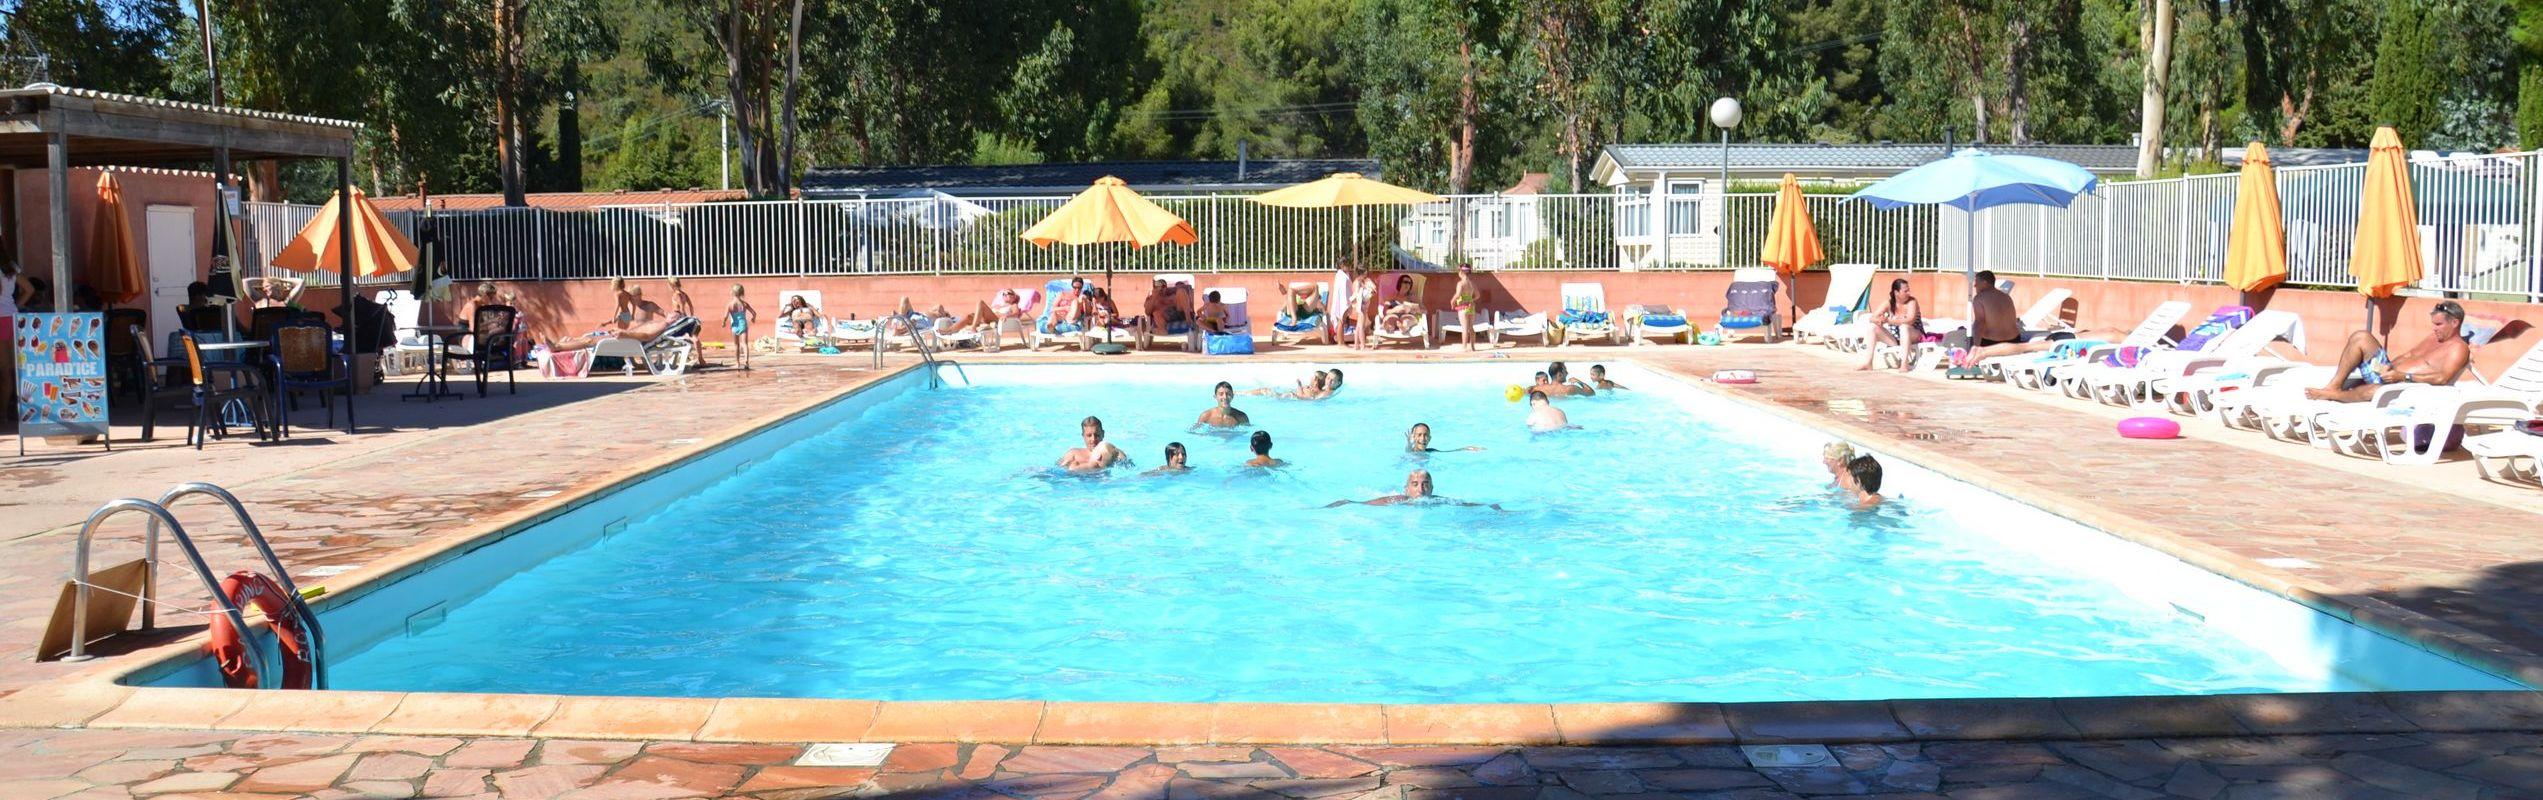 Camping 4 toiles dans le var la londe les maures pr s for Camping dans le var avec piscine